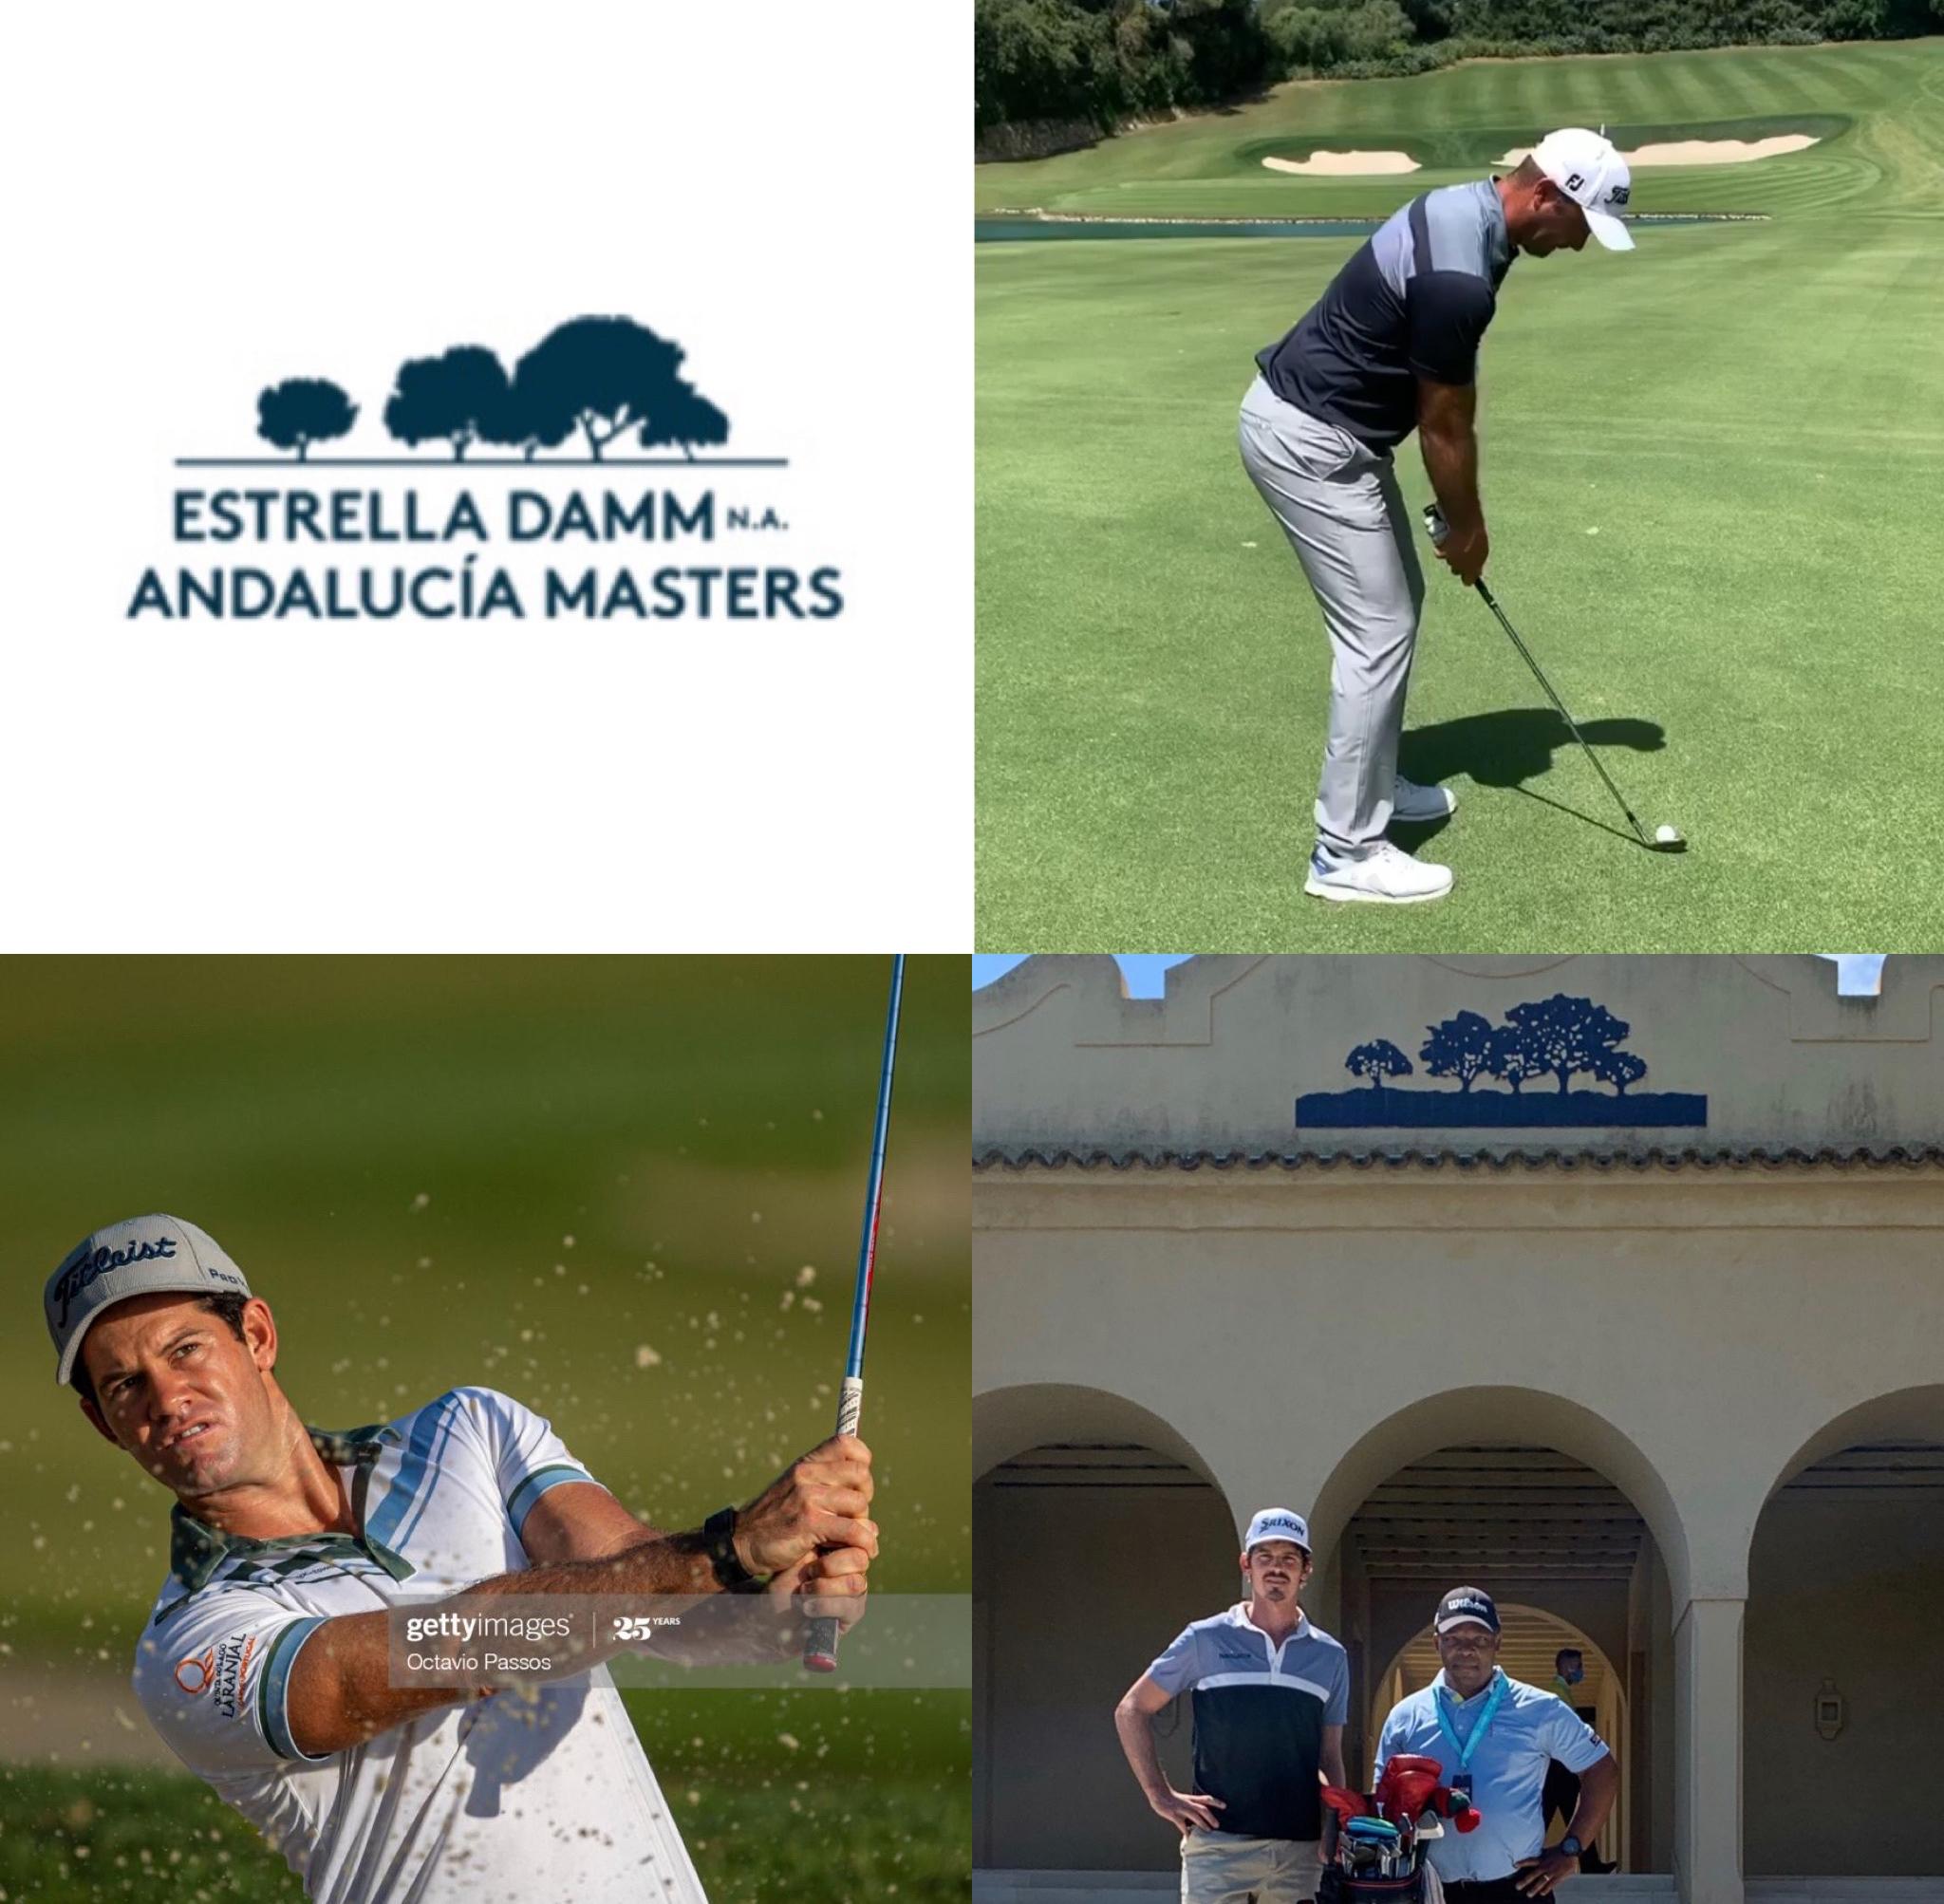 Estrella Damm N.A. Andalucia Masters – Melo Gouveia e Figueiredo fortes sob condições adversas em Valderrama